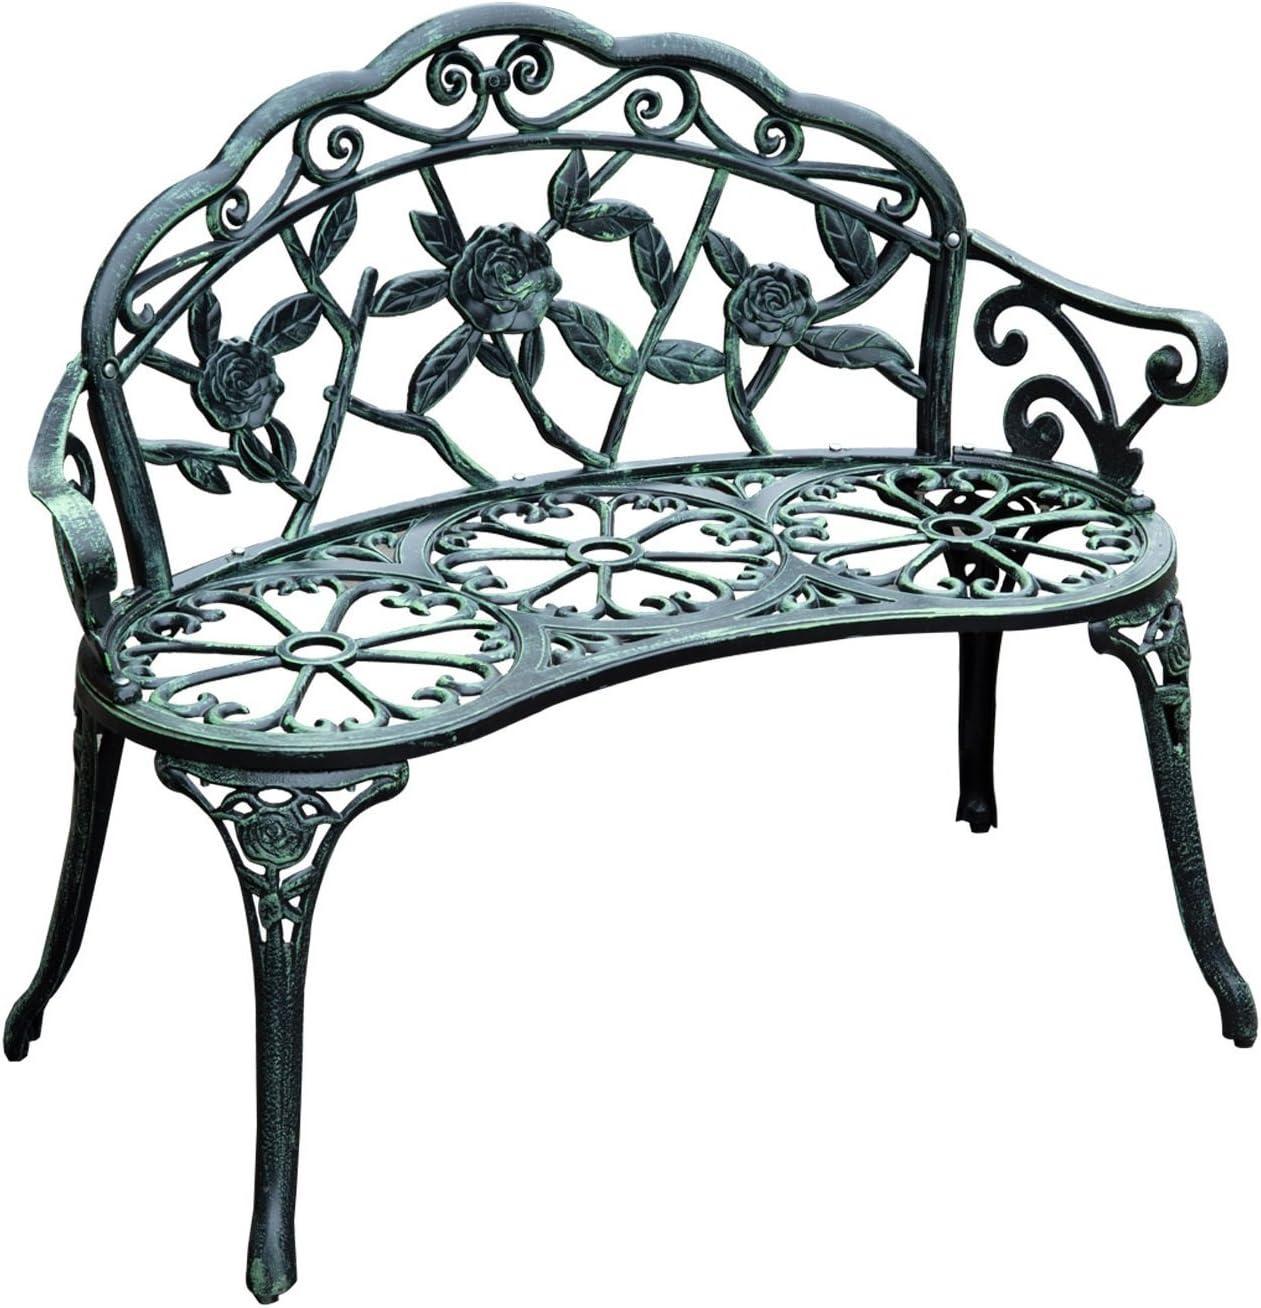 """Outsunny 40"""" Cast Aluminum Antique Rose Style Outdoor Patio Garden Park Bench - Antique Green : Garden & Outdoor"""